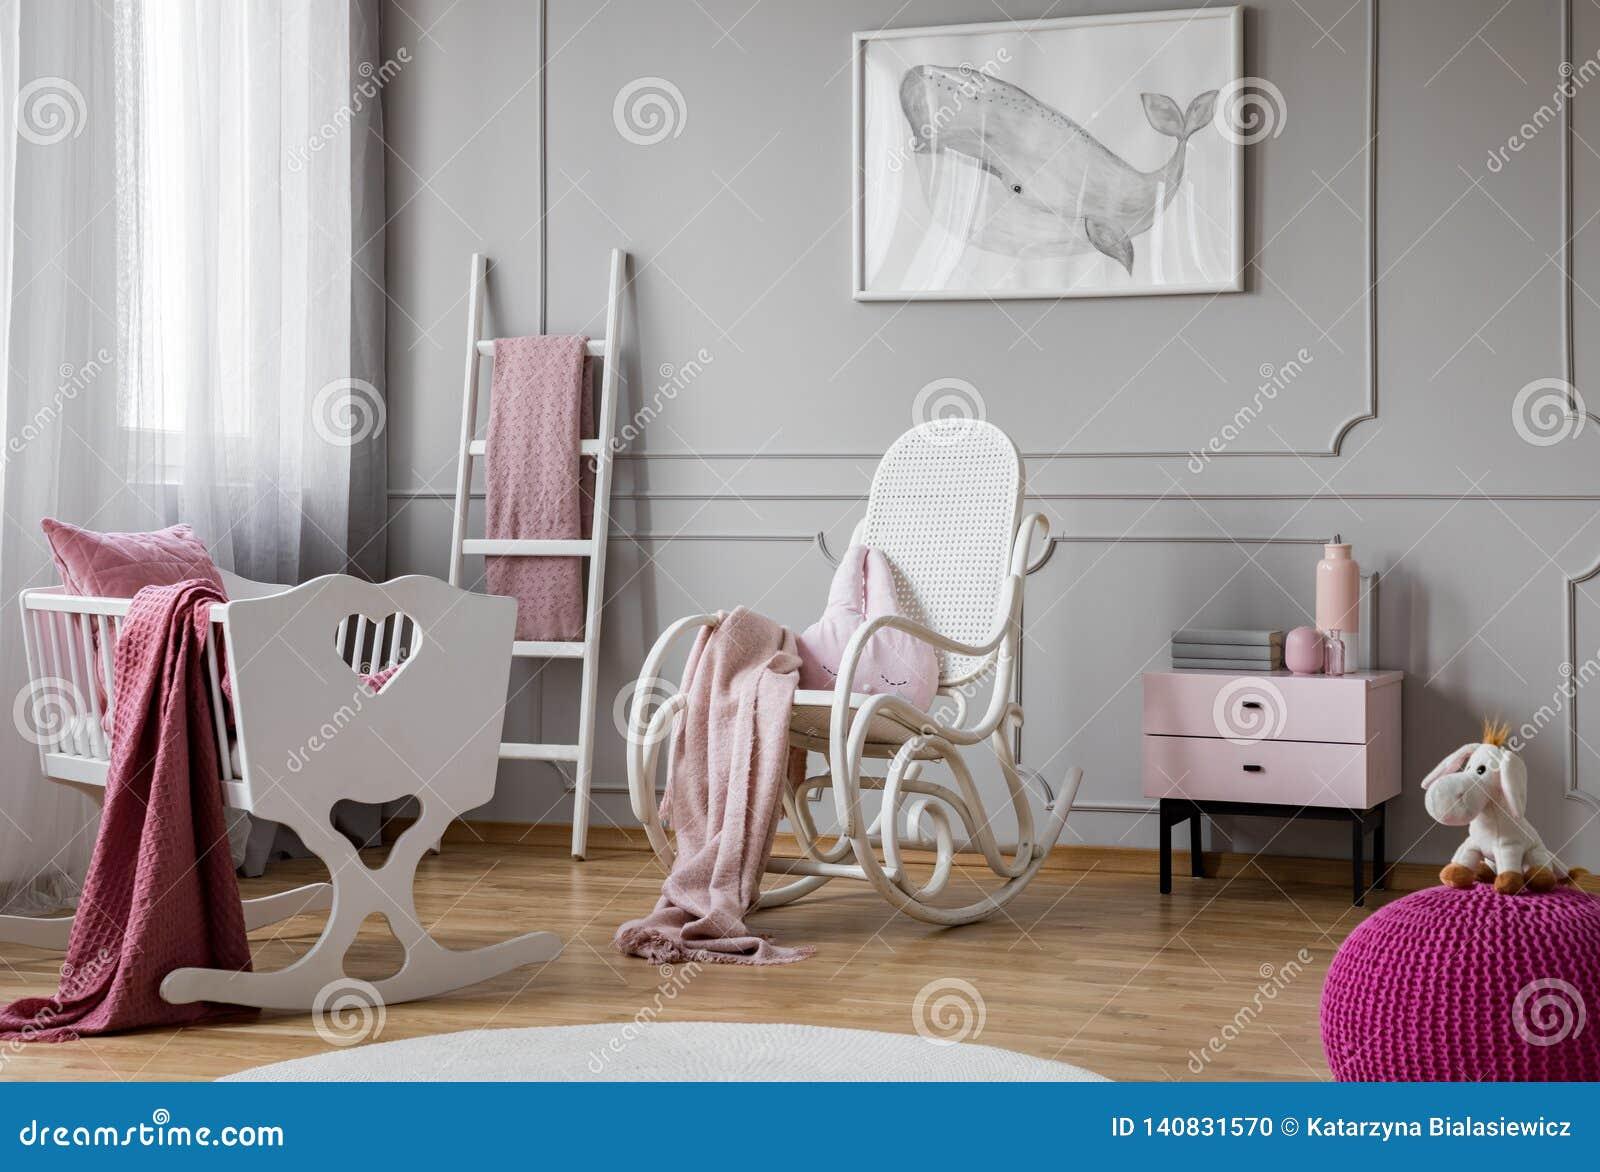 Rosa Pastelldecke auf weißem Schaukelstuhl im geräumigen Babyrauminnenraum mit Wiege, skandinavischer Leiter und nightstand